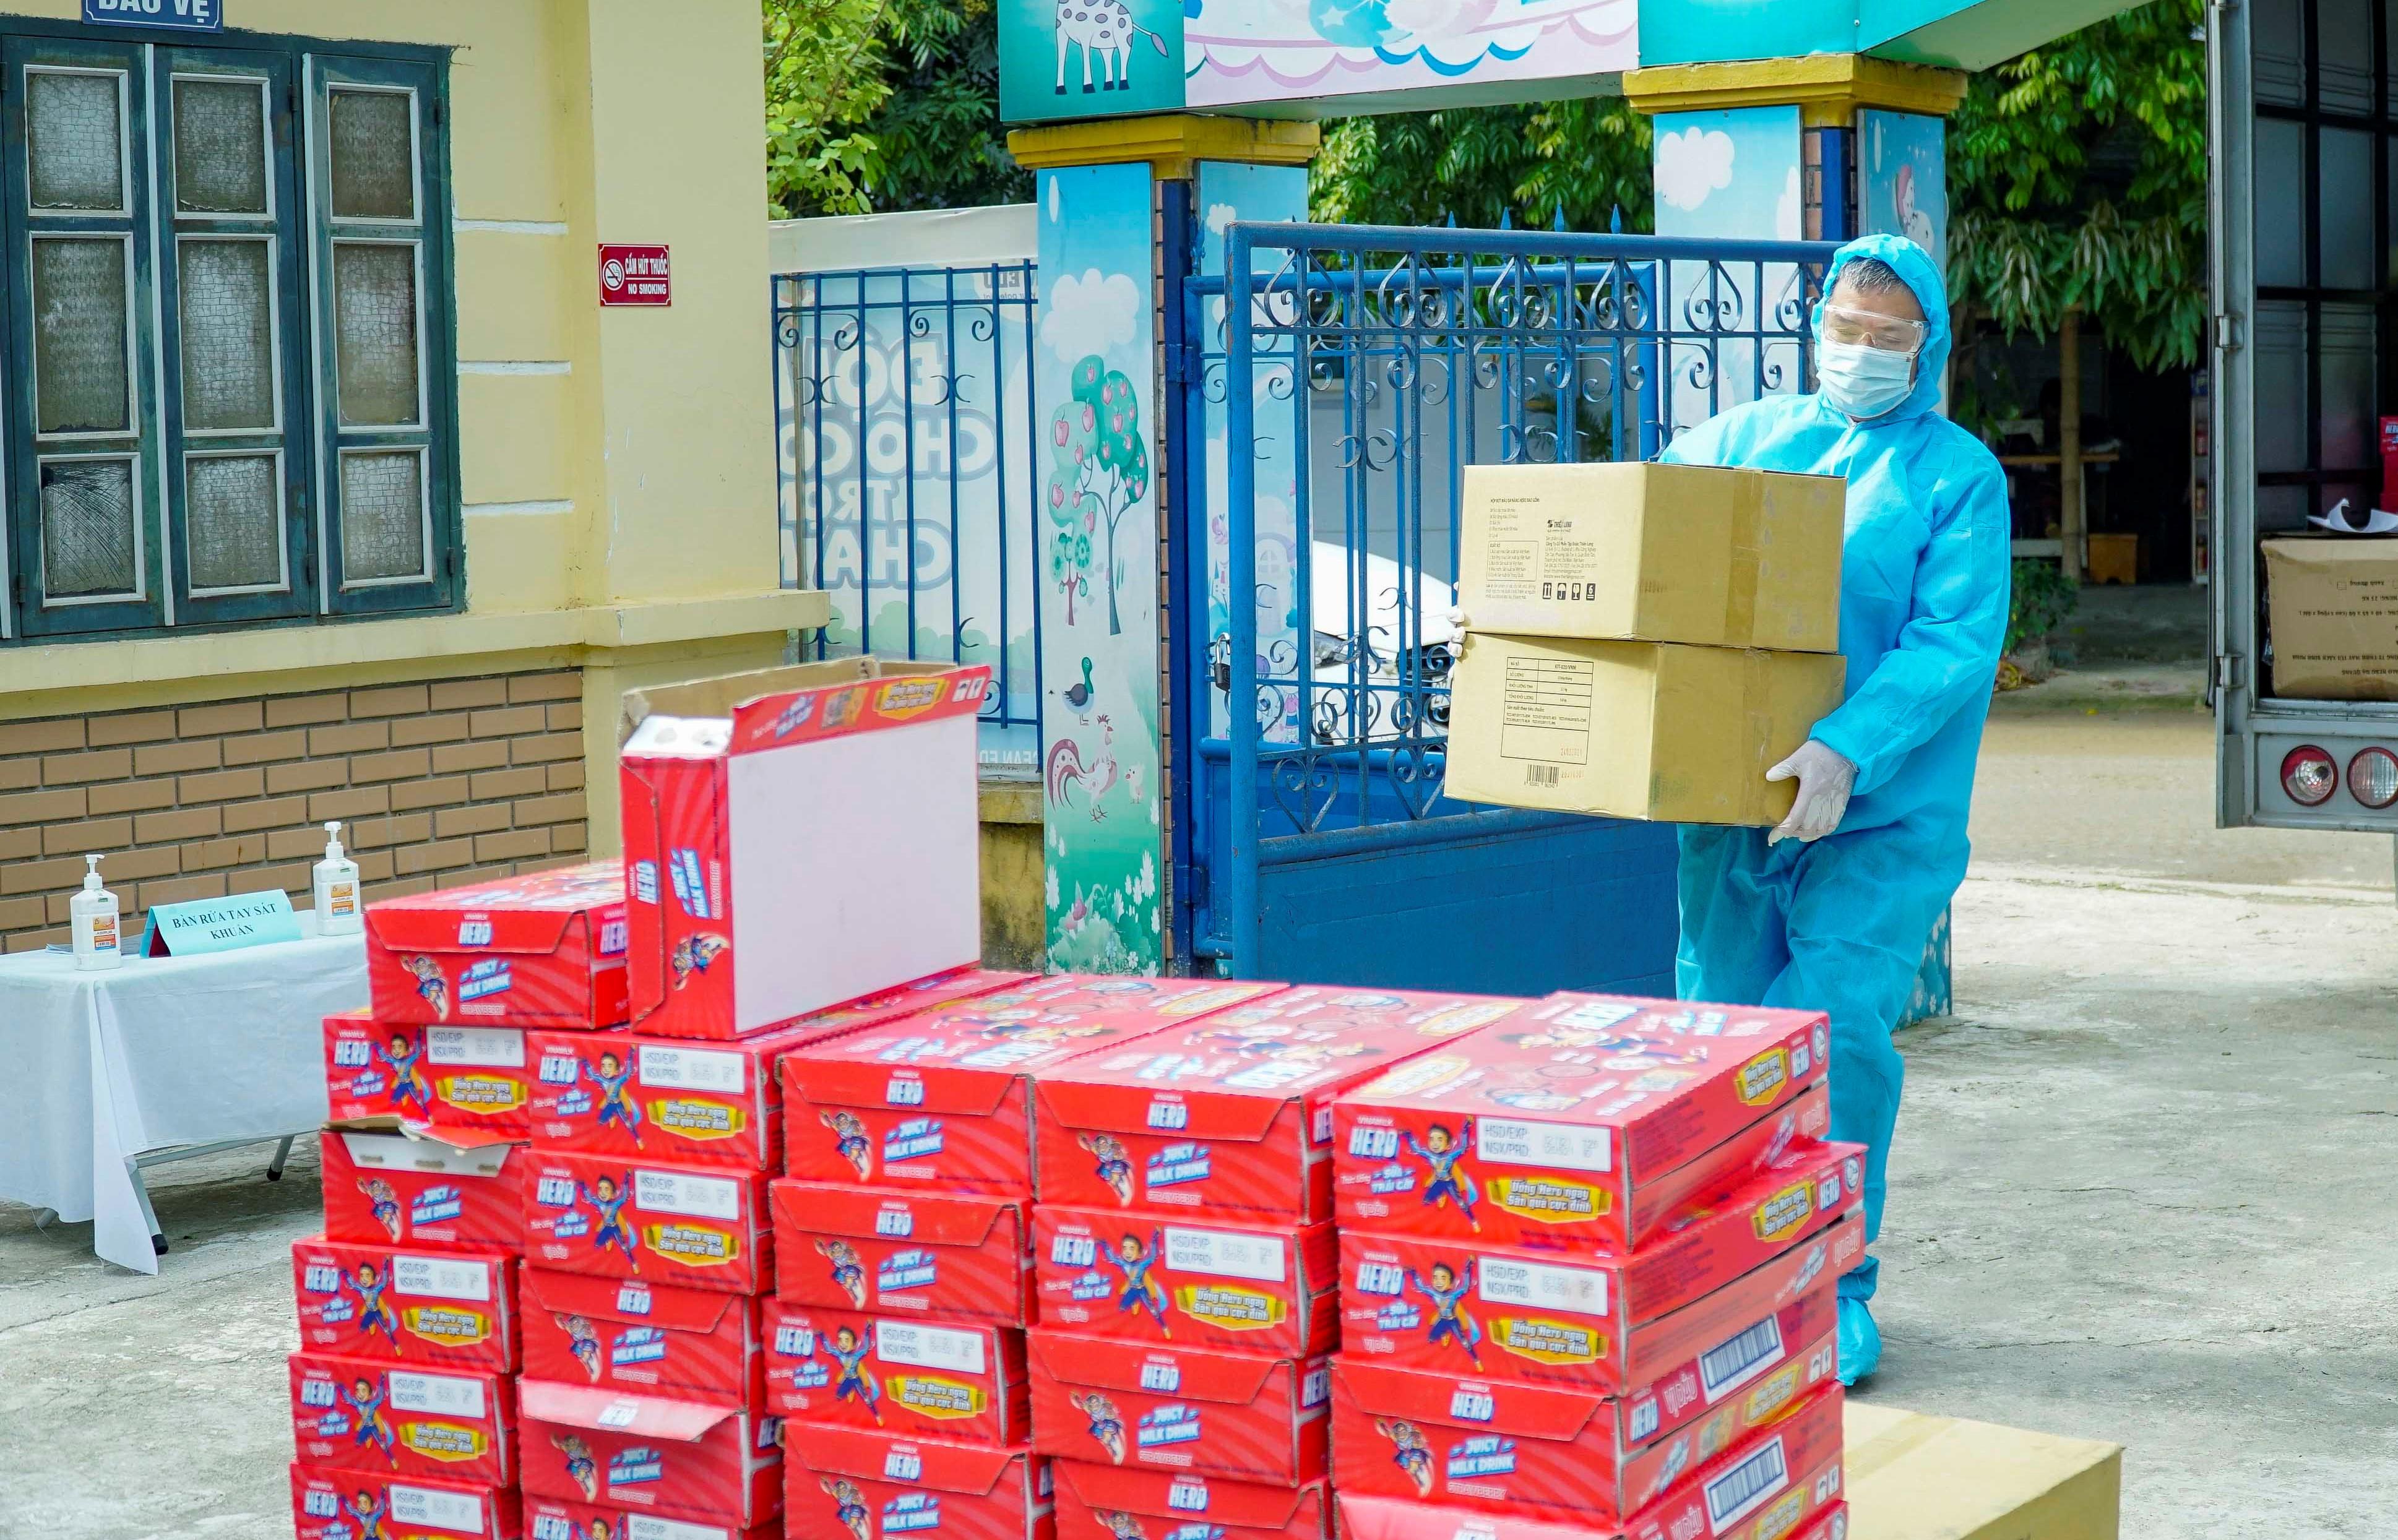 Quỹ sữa vươn cao Việt Nam và hành trình mang sữa đến với trẻ em Điện Biên giữa đại dịch 7